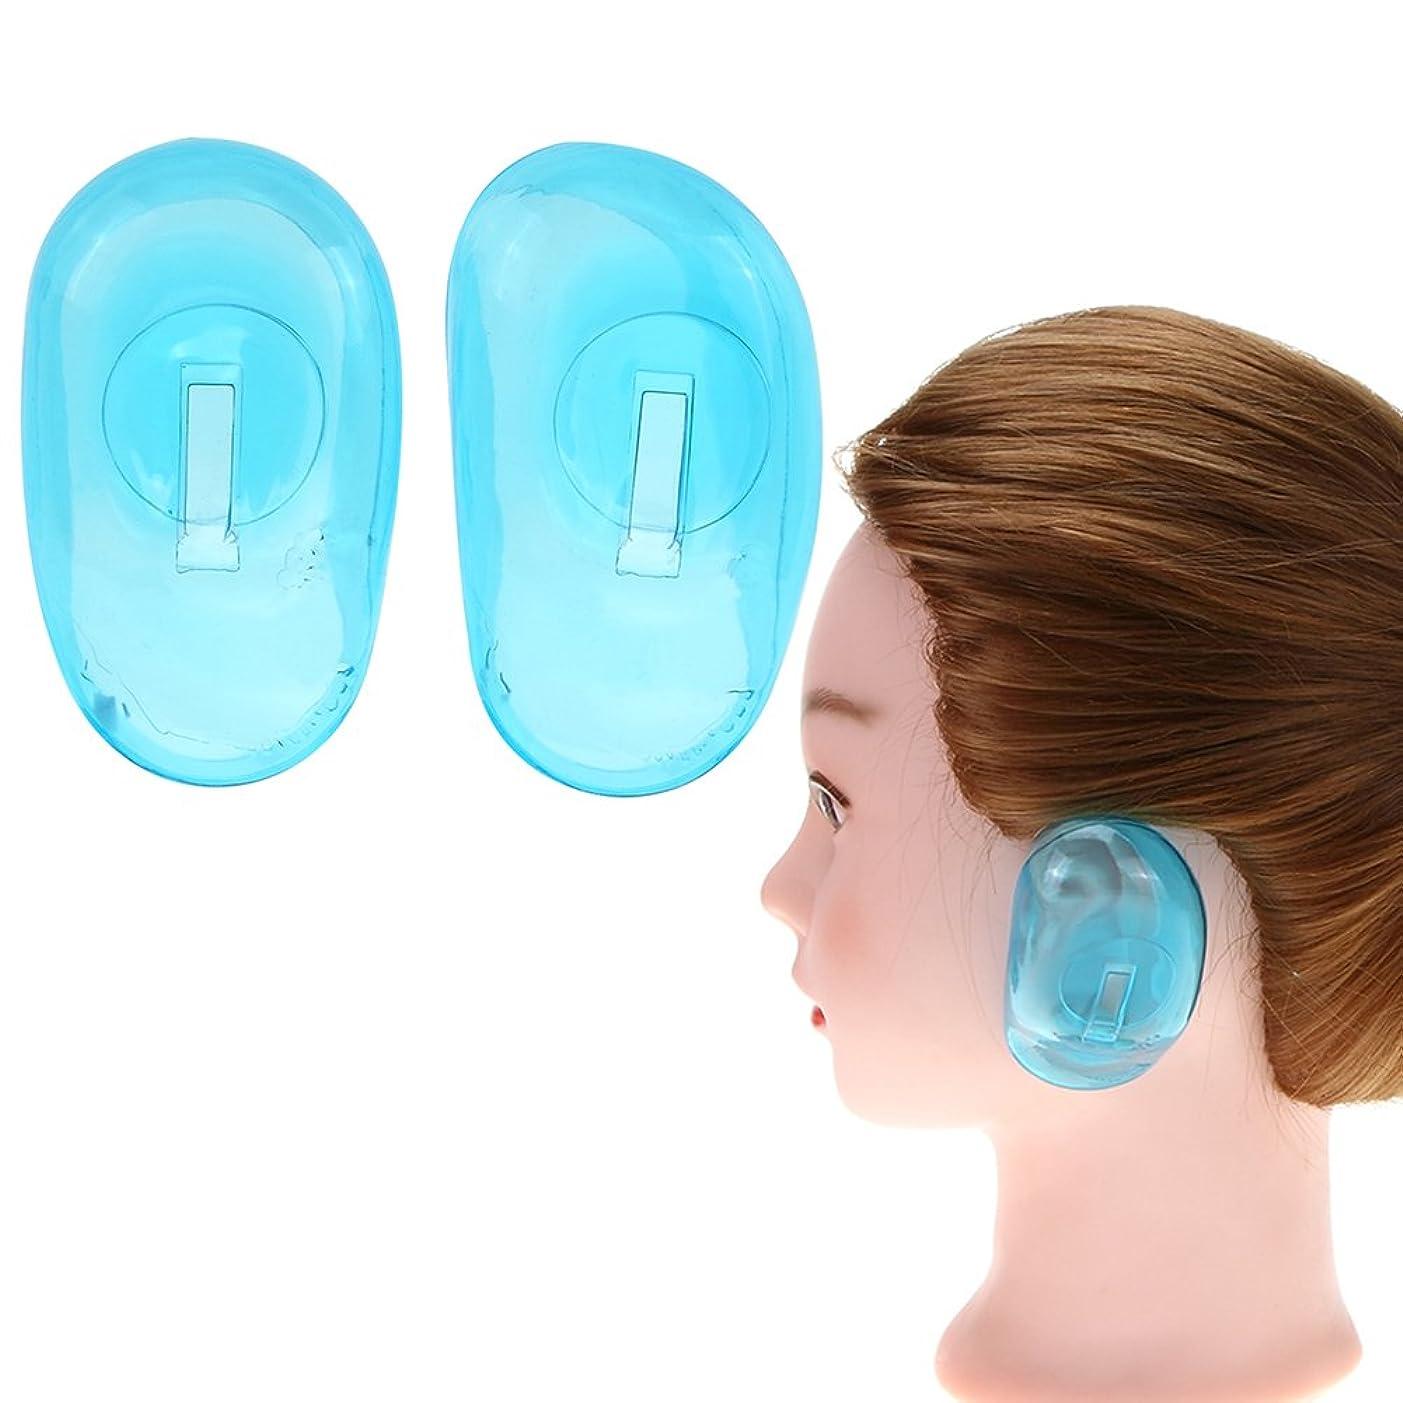 系統的彼女は練習Ruier-tong 1ペア耳カバー 毛染め用 シリコン製 耳キャップ 柔らかいイヤーキャップ ヘアカラー シャワー 耳保護 ヘアケアツール サロン 洗える 繰り返す使用可能 エコ 8.5x5cm